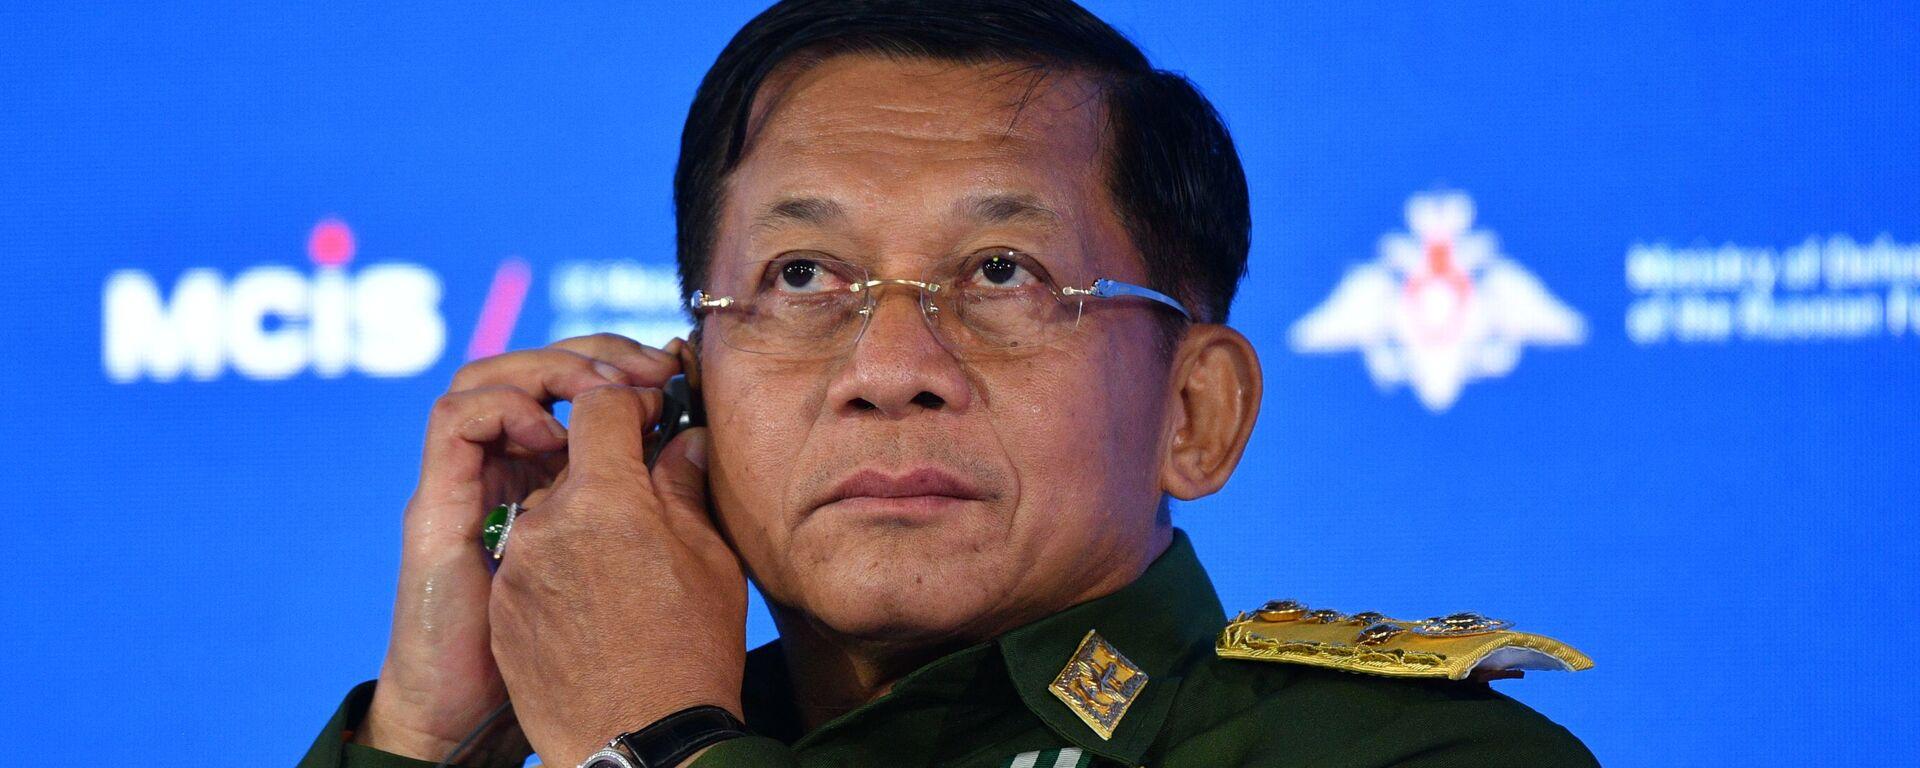 Vrchní velitel myanmarských ozbrojených sil, armádní generál Min Aun Hlain - Sputnik Česká republika, 1920, 28.06.2021